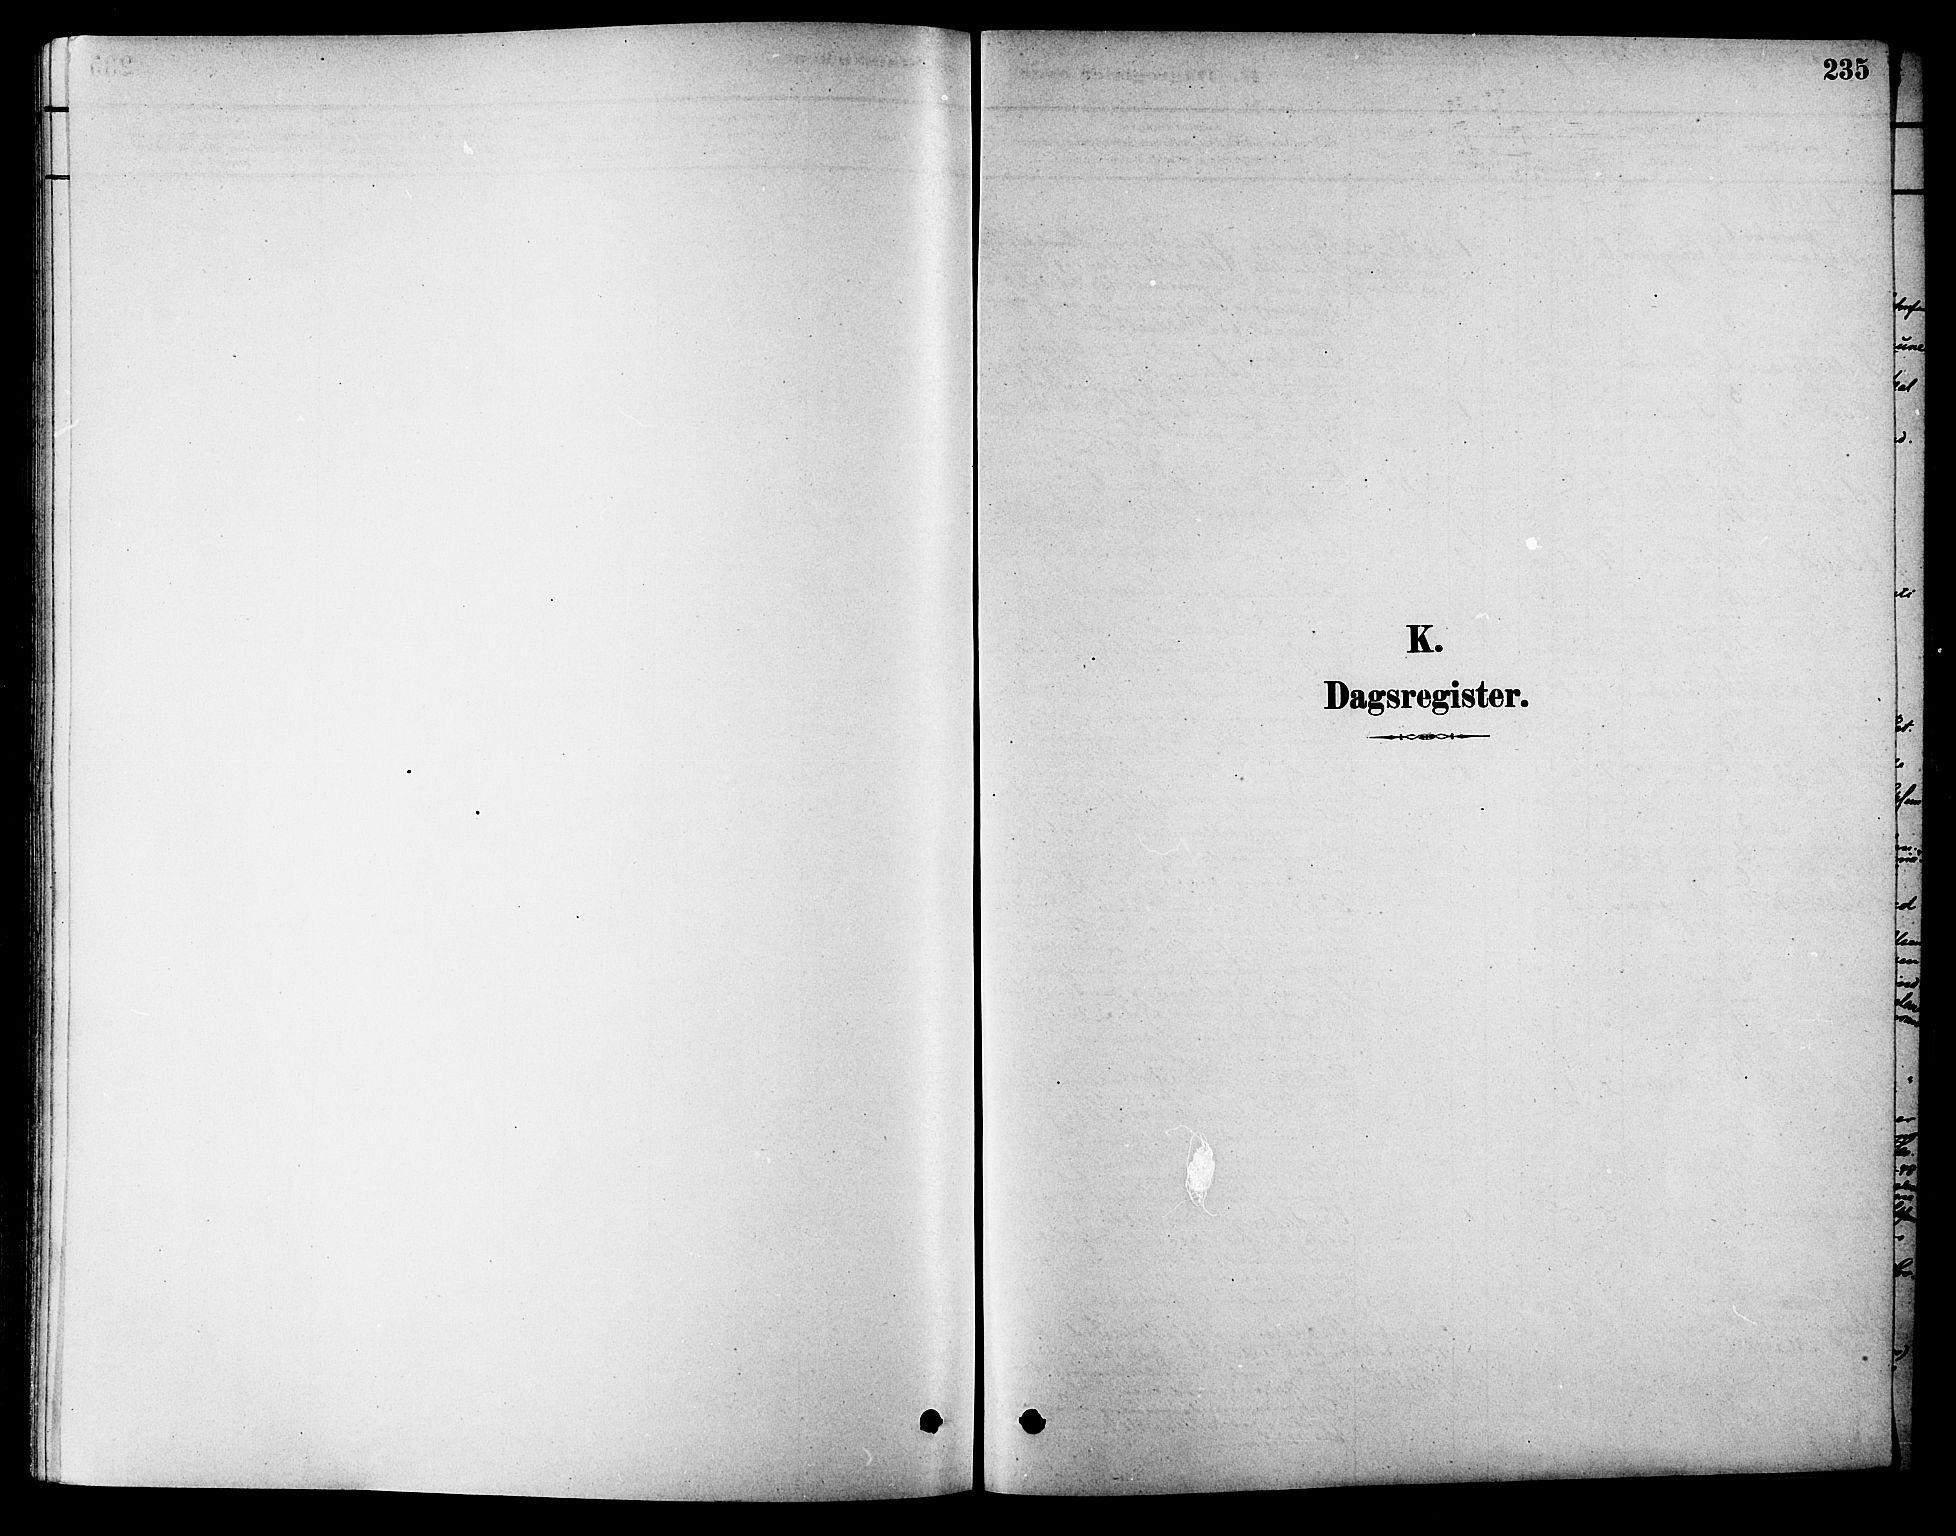 SAT, Ministerialprotokoller, klokkerbøker og fødselsregistre - Sør-Trøndelag, 686/L0983: Ministerialbok nr. 686A01, 1879-1890, s. 235